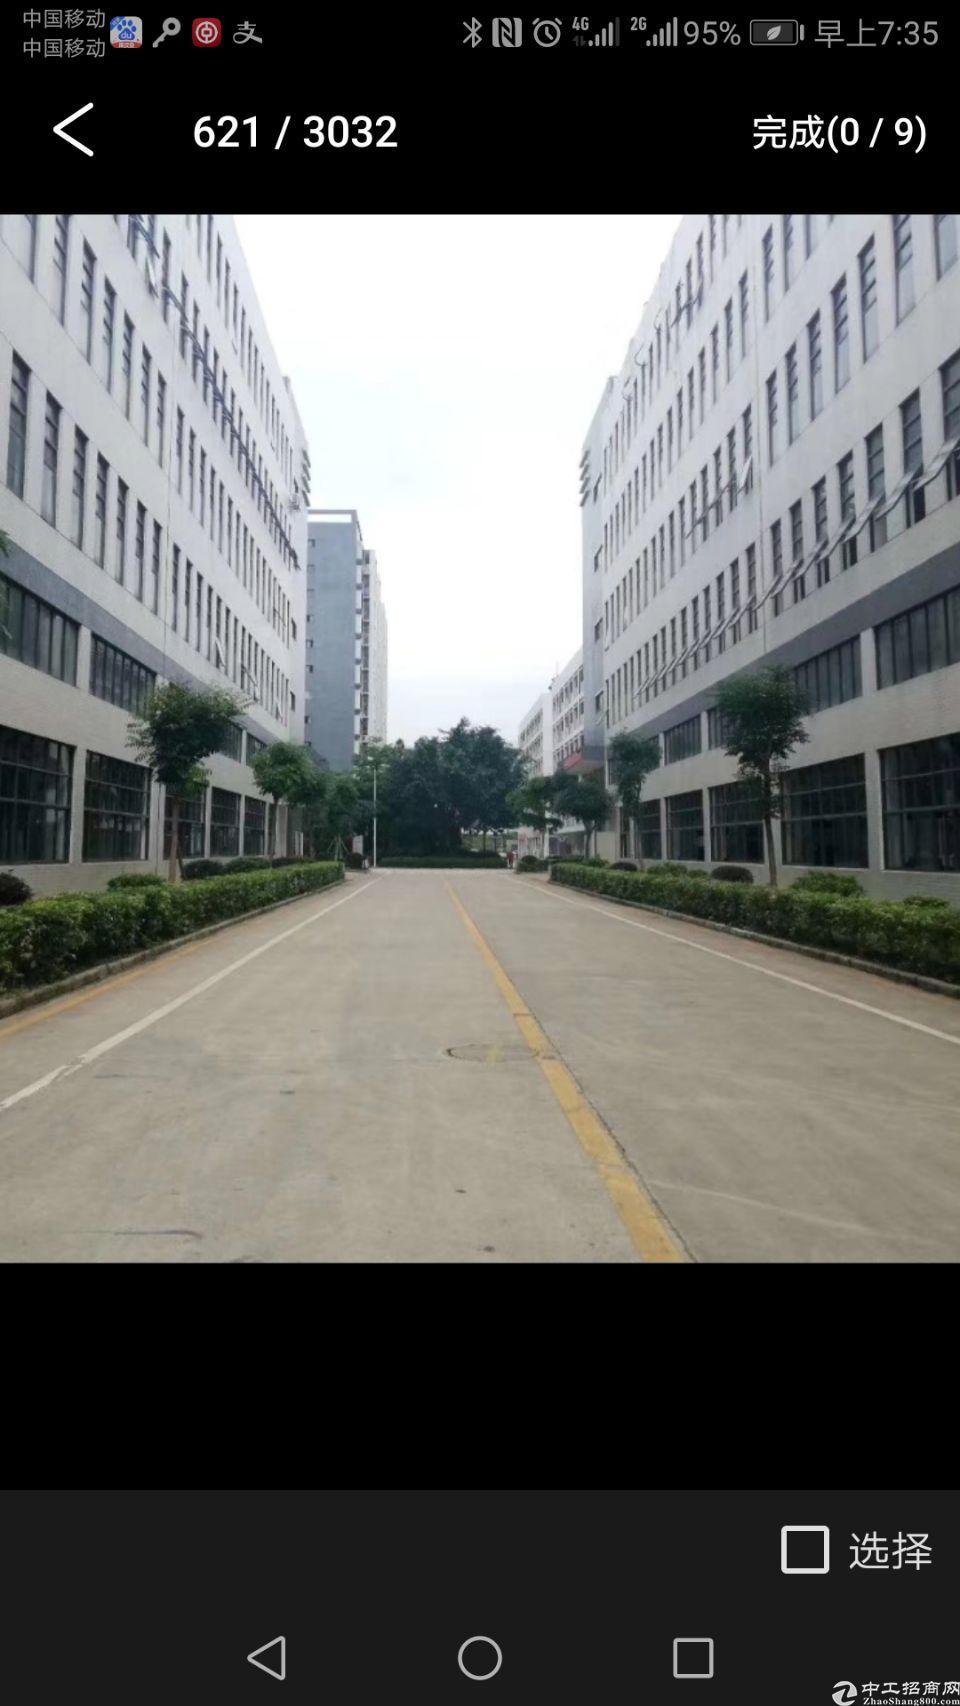 沥林北镇,占地5300,建筑12,000,标准厂房3600万